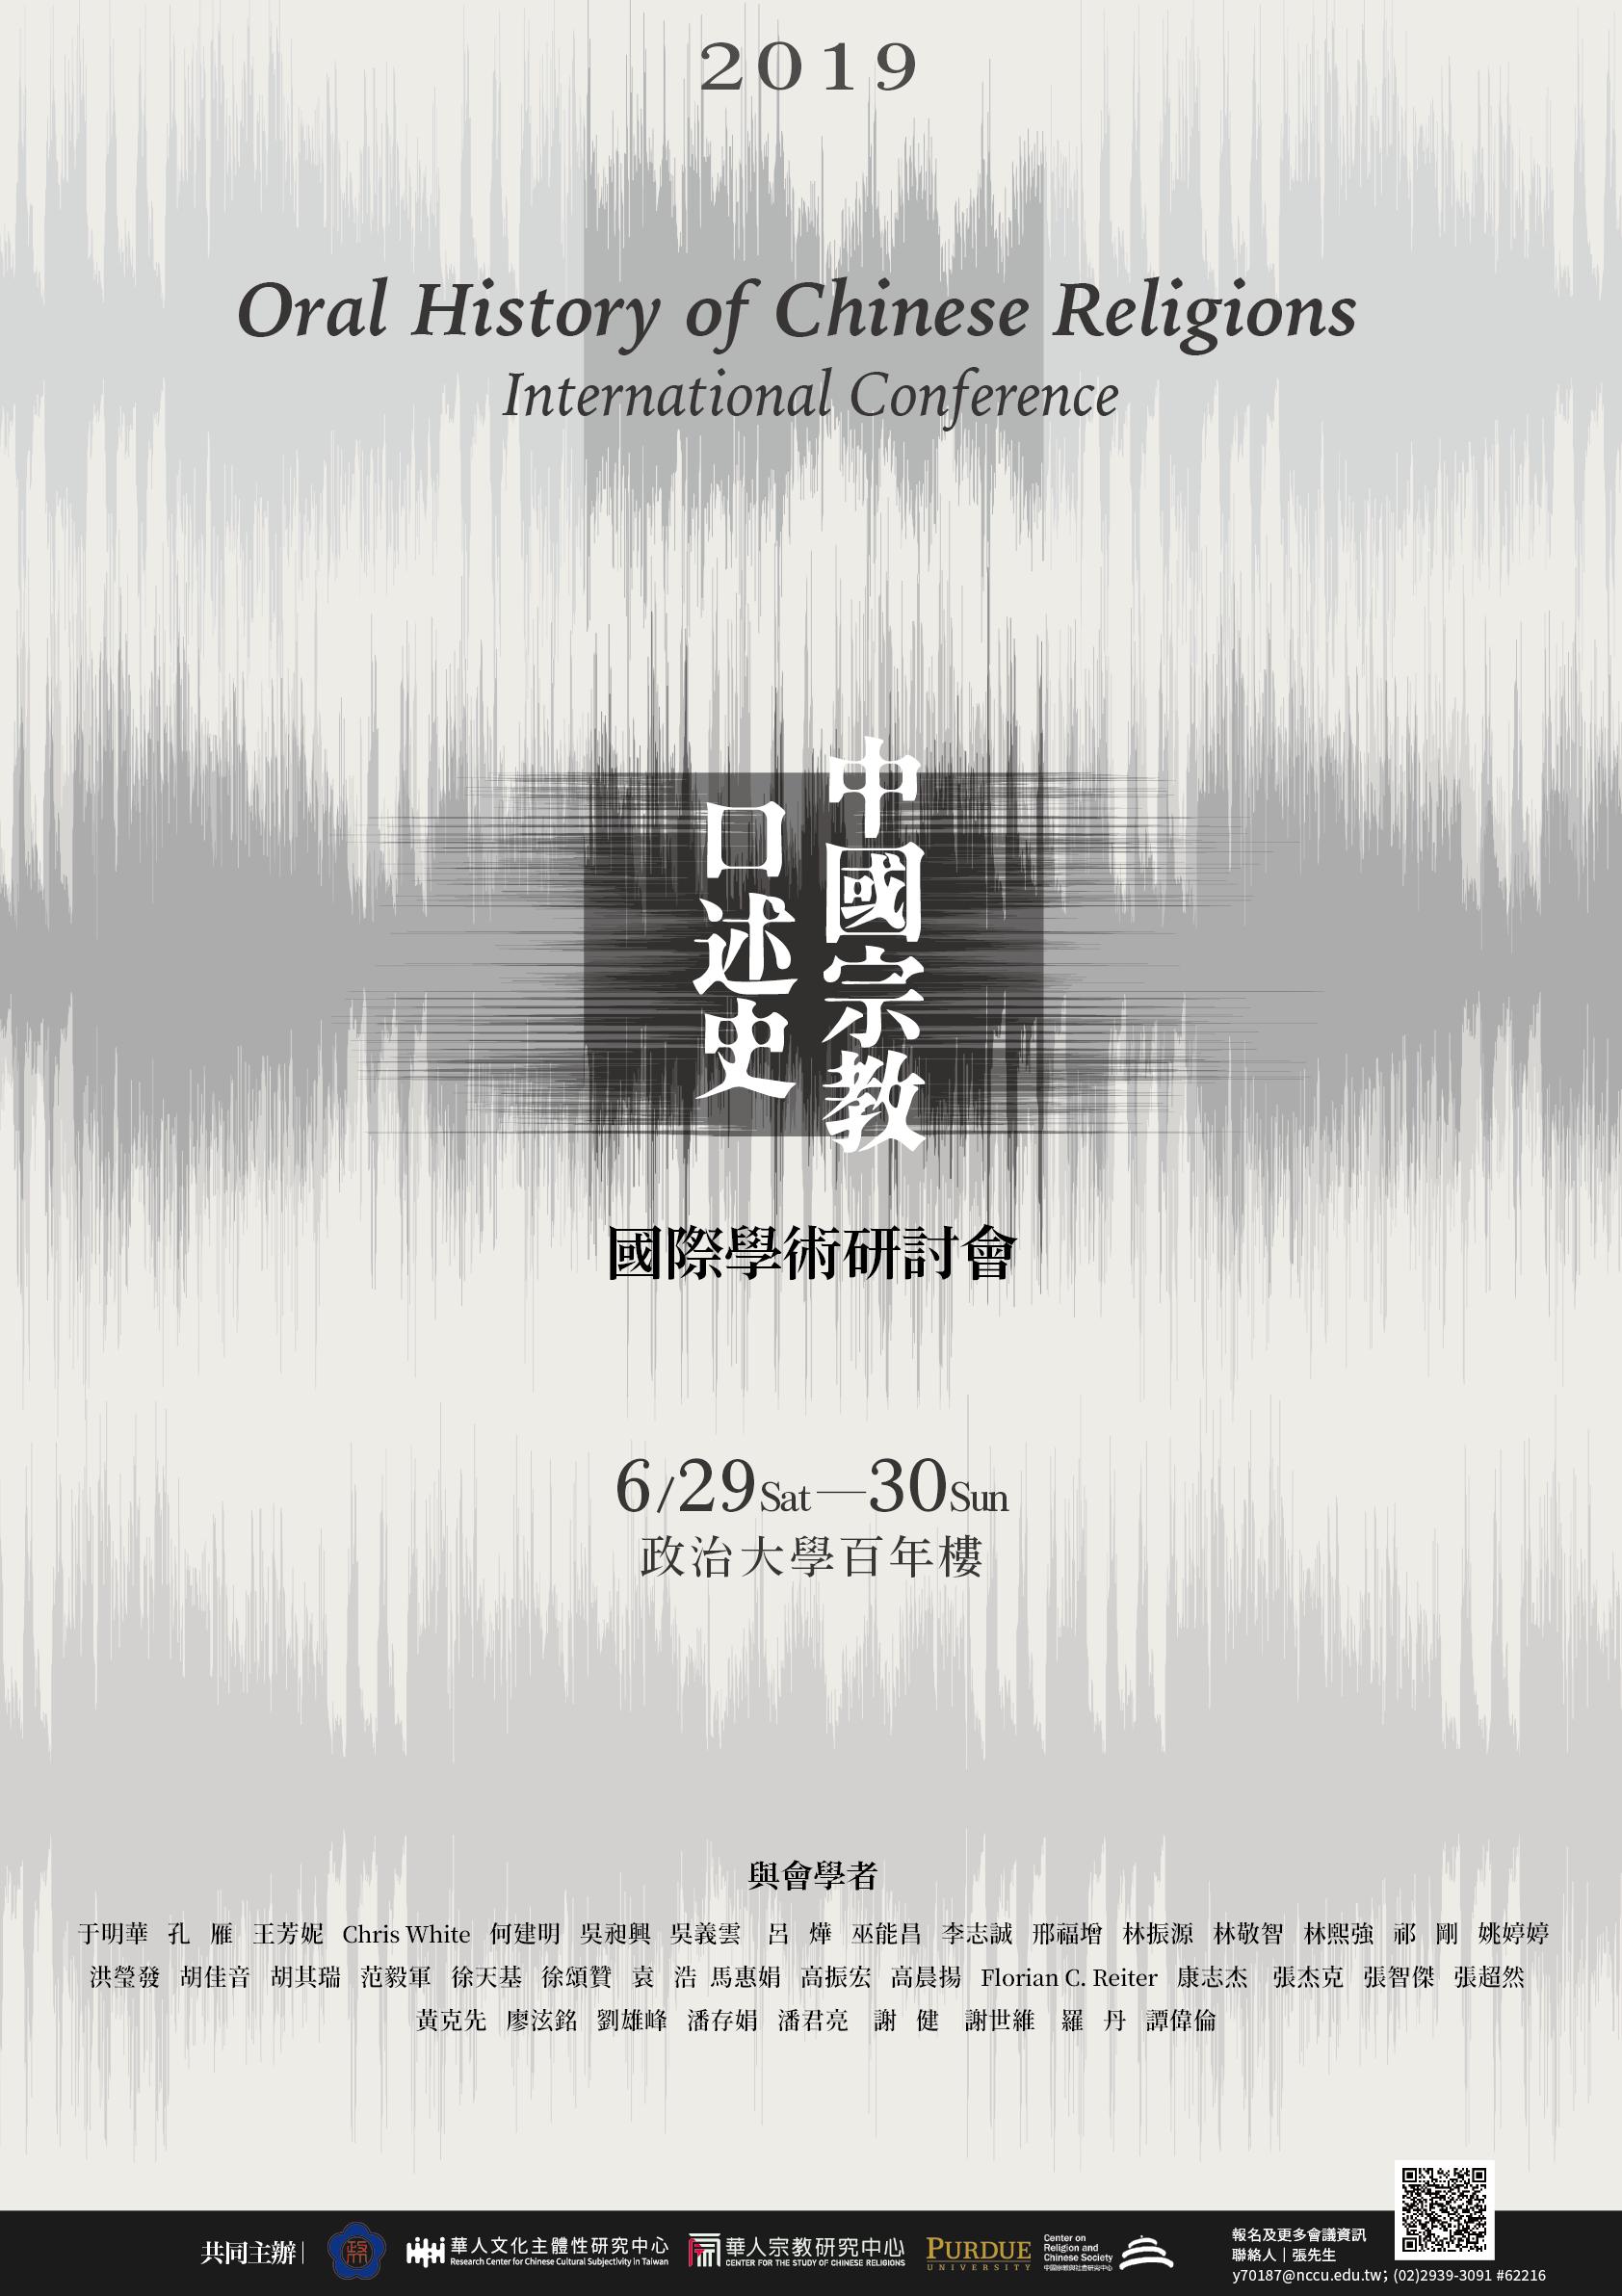 【中國宗教口述史研討會】研討會資訊與議程